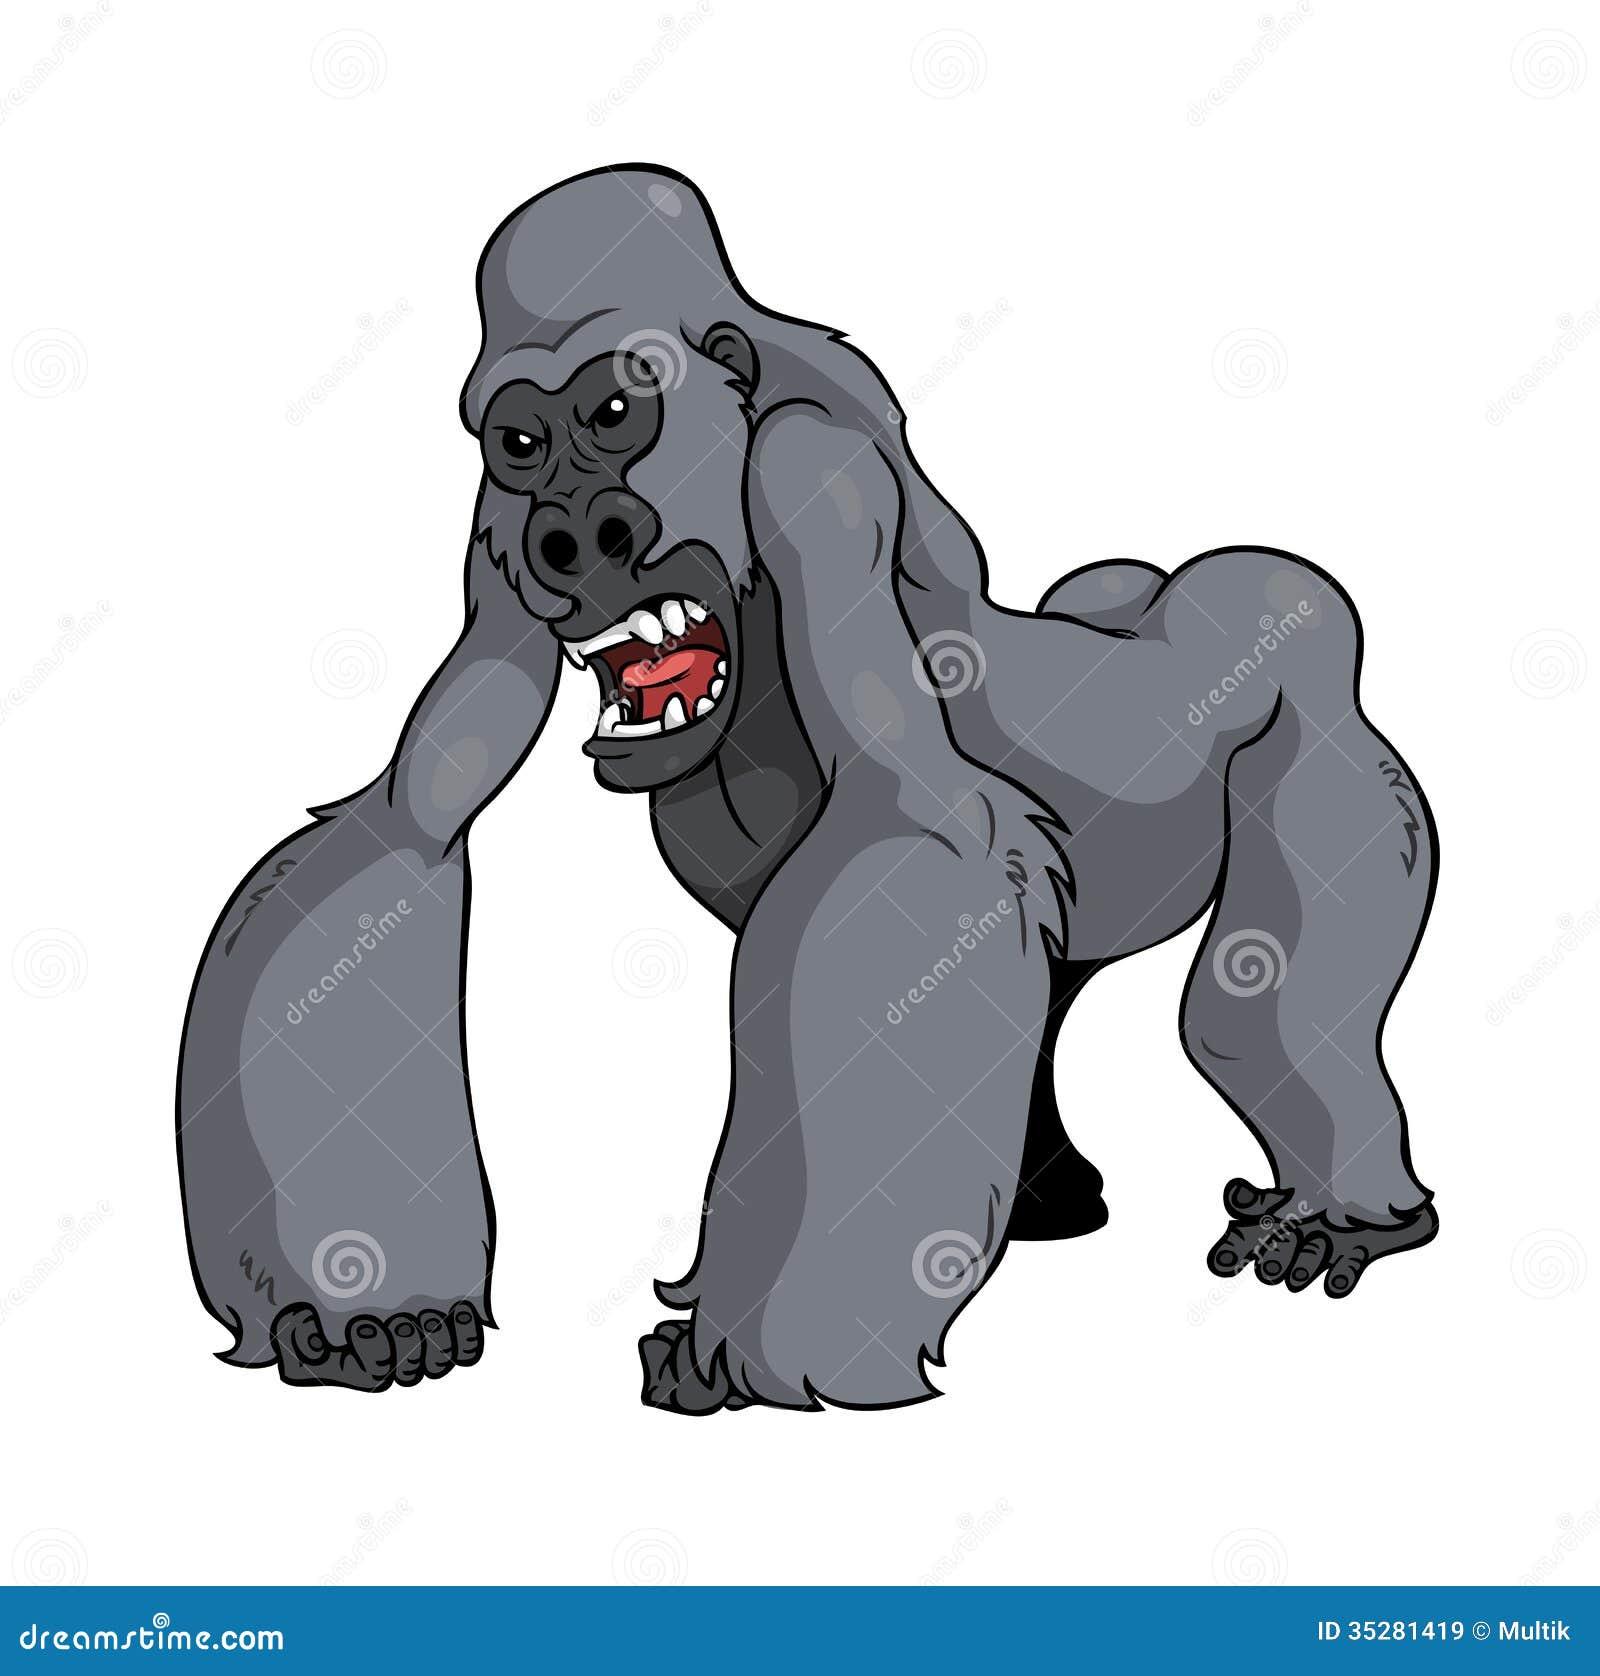 angry cartoon gorilla - photo #17